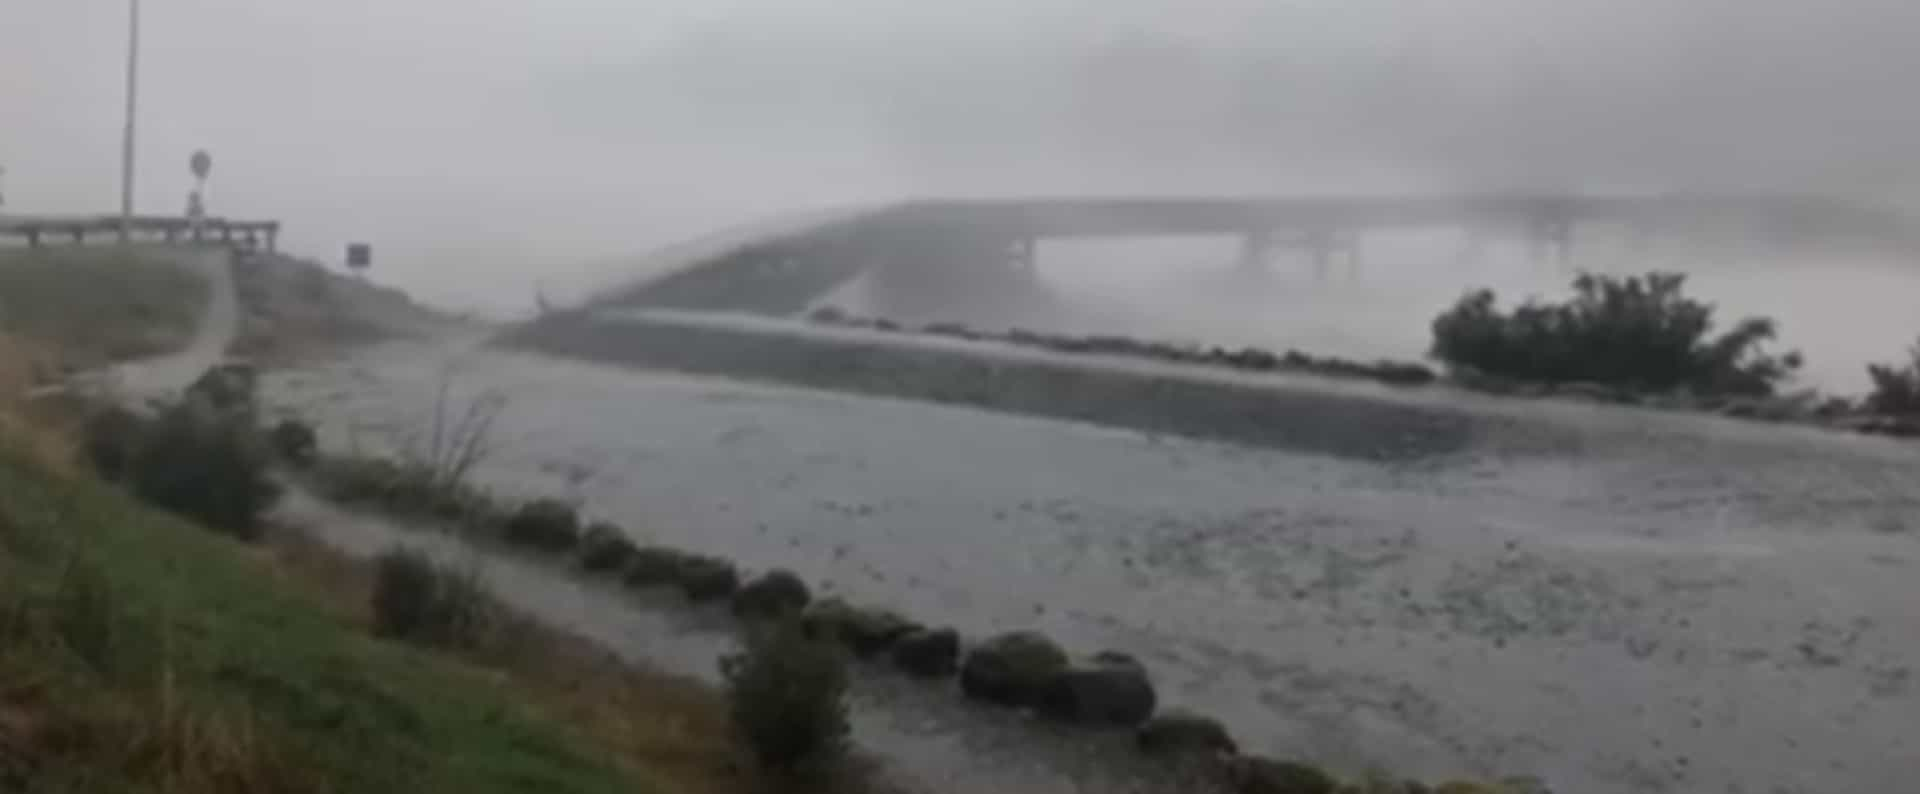 Tempestade faz colapsar ponte na Nova Zelândia